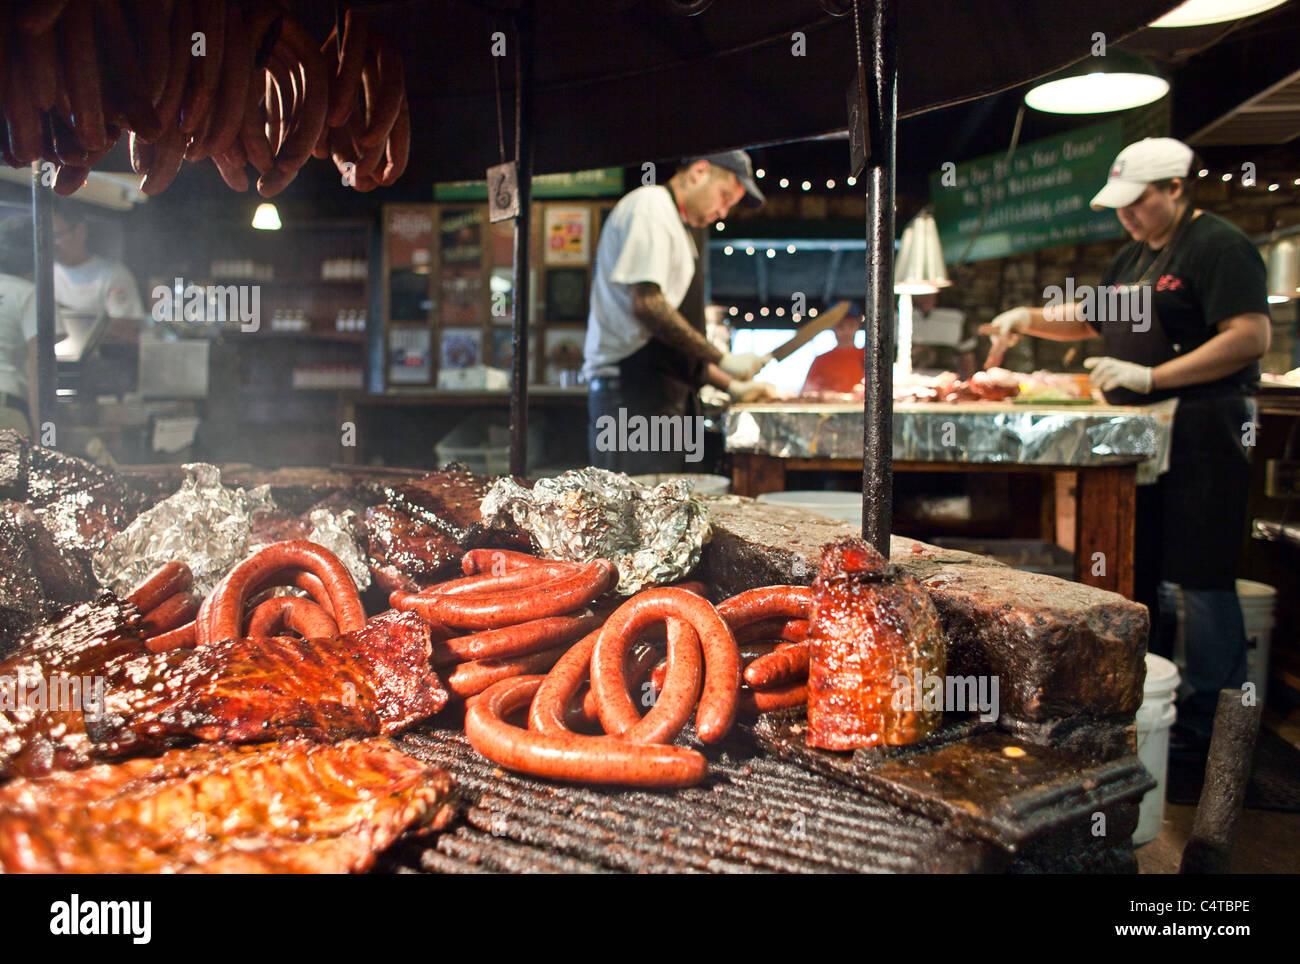 Il Salt Lick Pit BBQ - nervature, salsiccia, e petto Immagini Stock